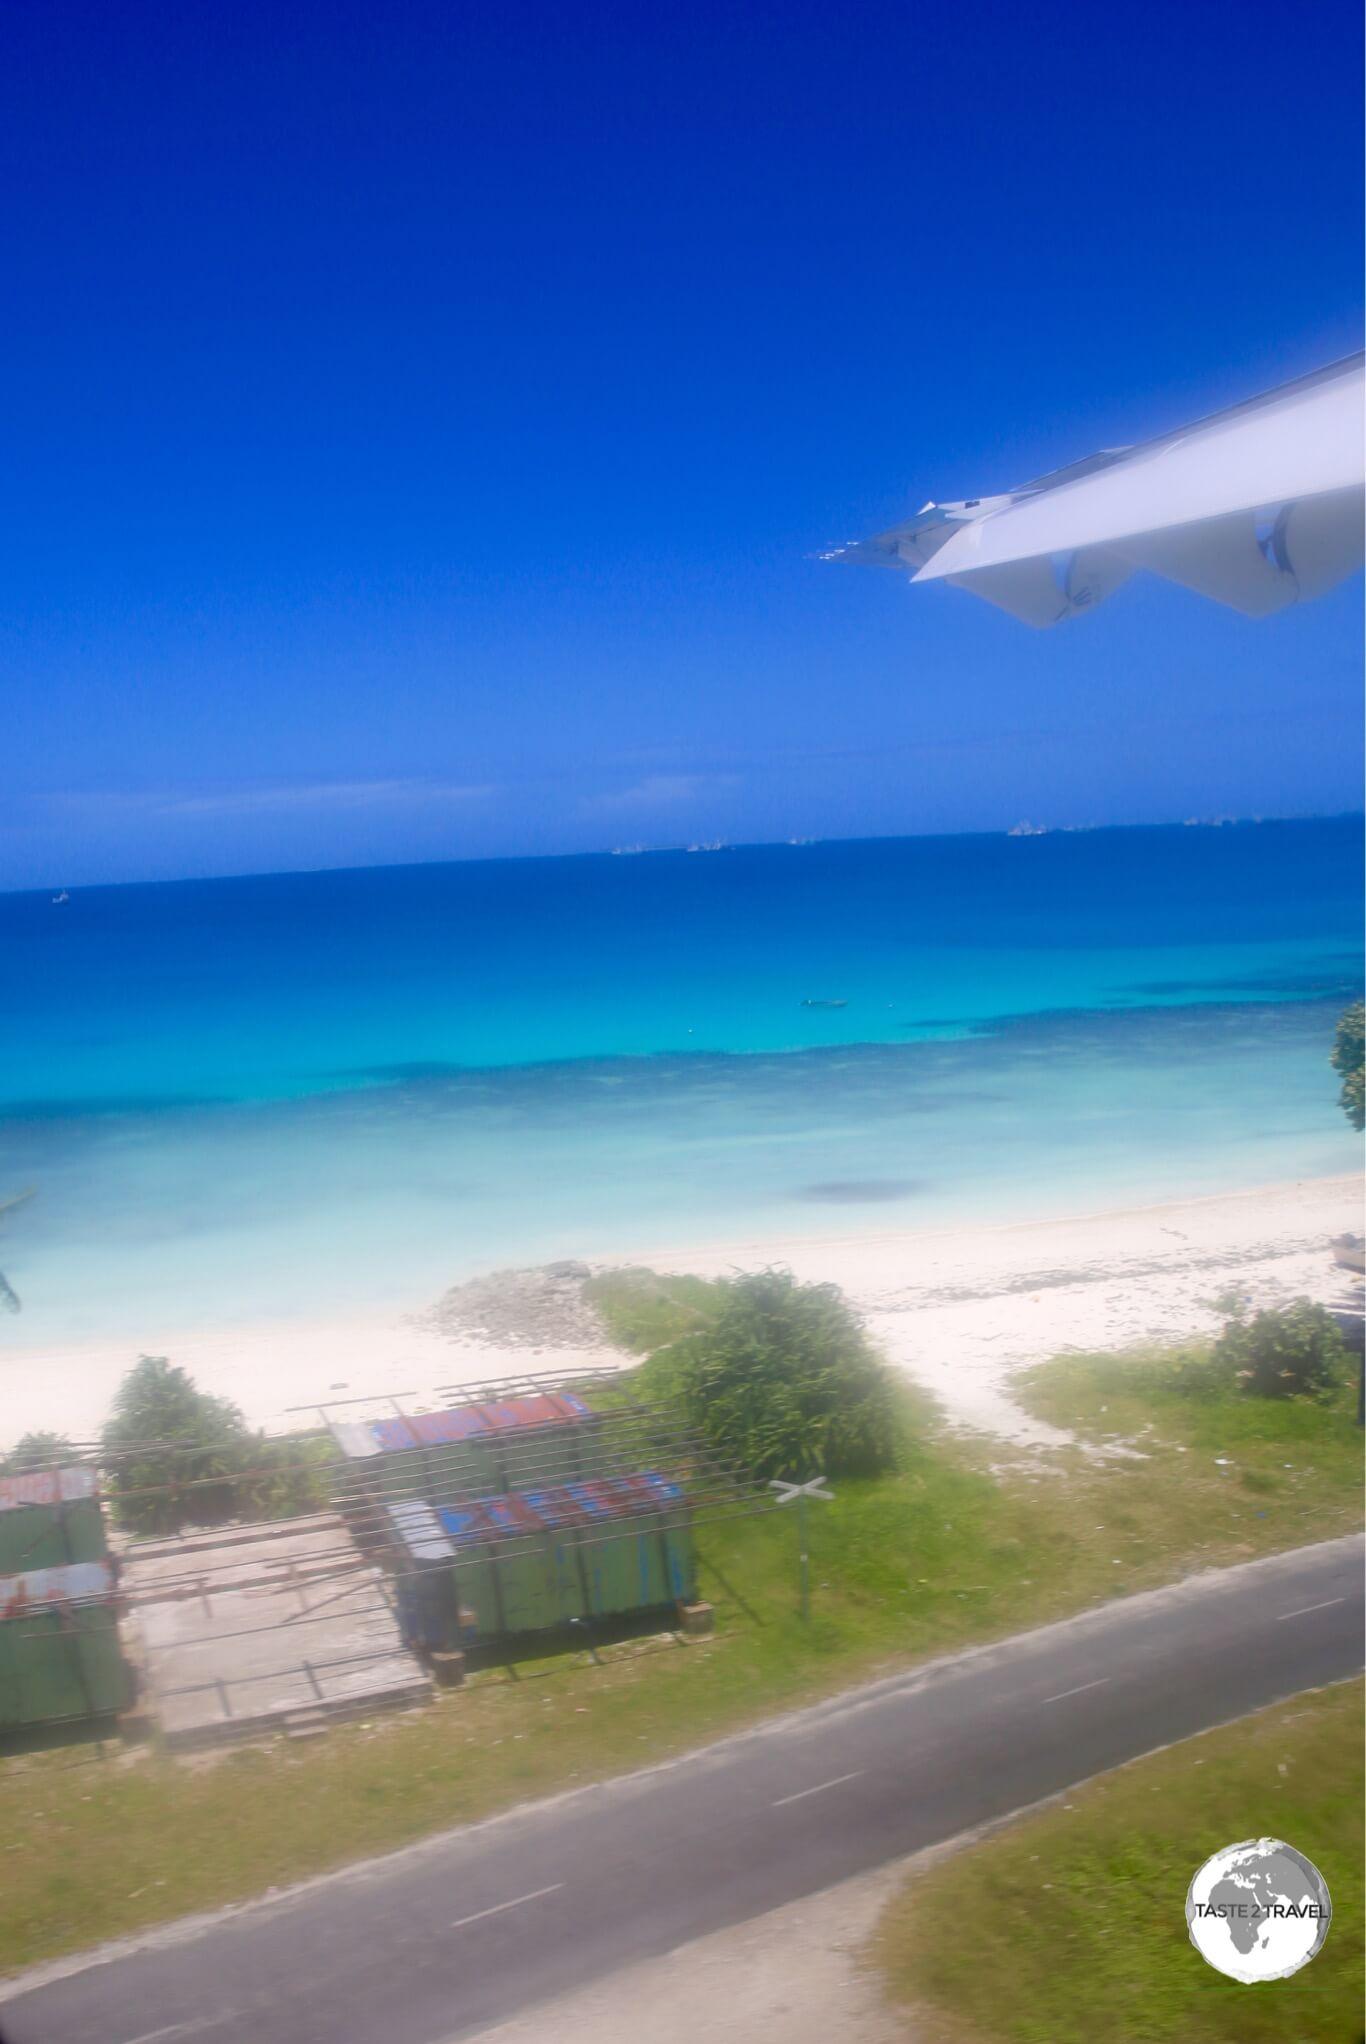 On approach to Funafuti International airport.